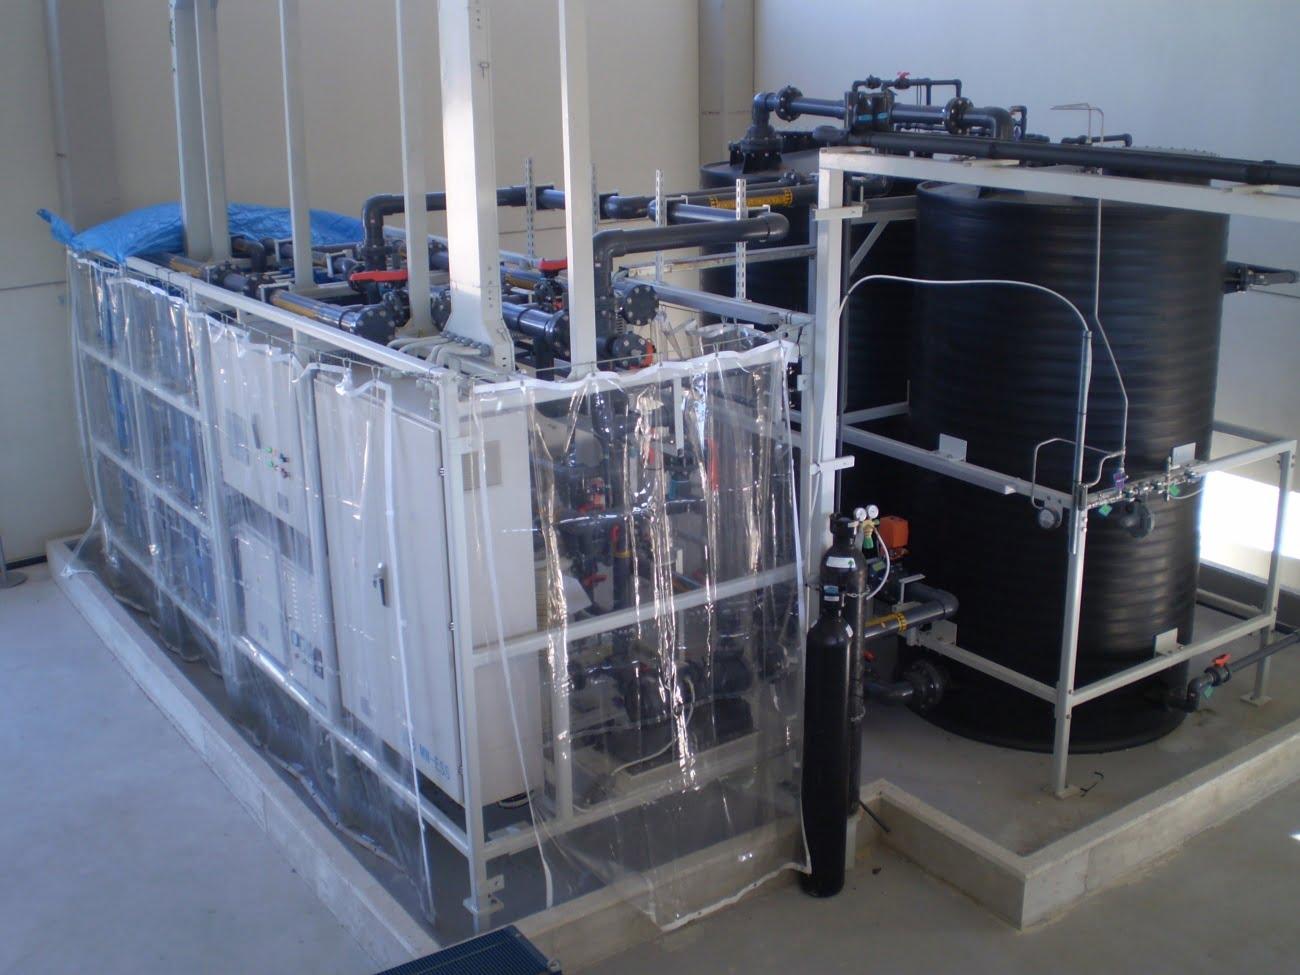 Sistemas de almacenamiento. Batería de flujo. Microrred ATENEA de CENER.